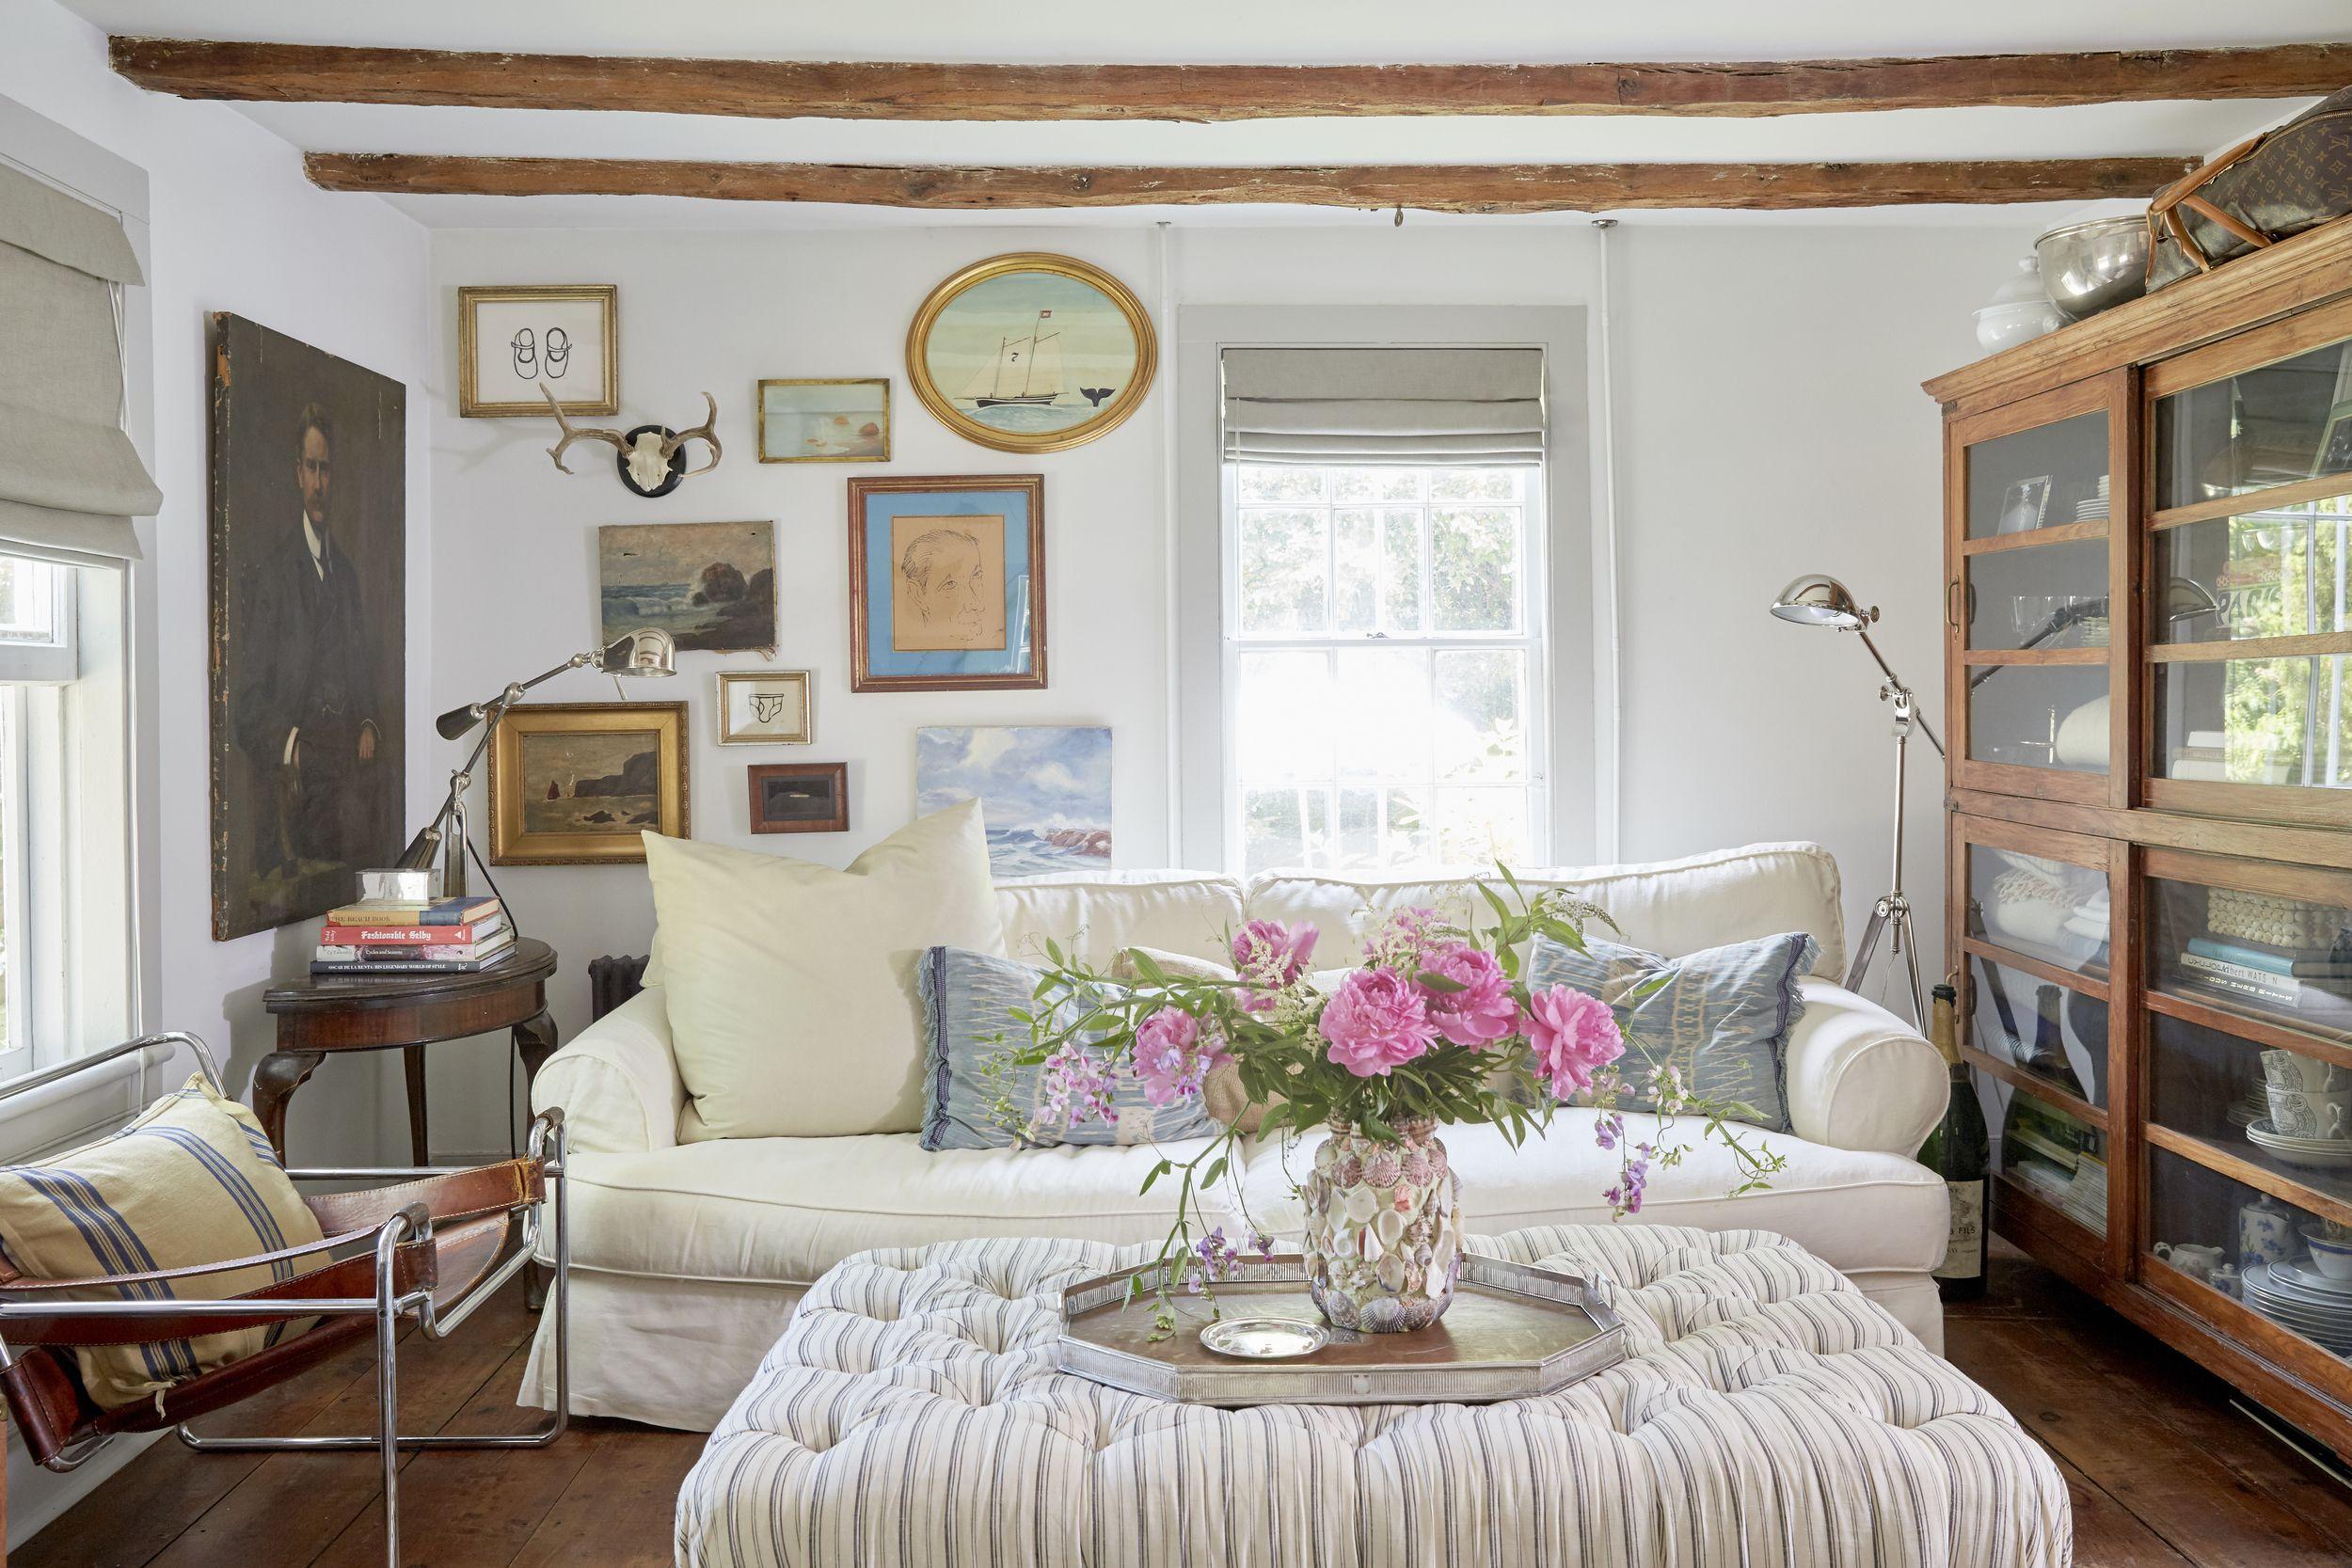 20160620 jennifer vaughn miller 280 jpg living room pinterest